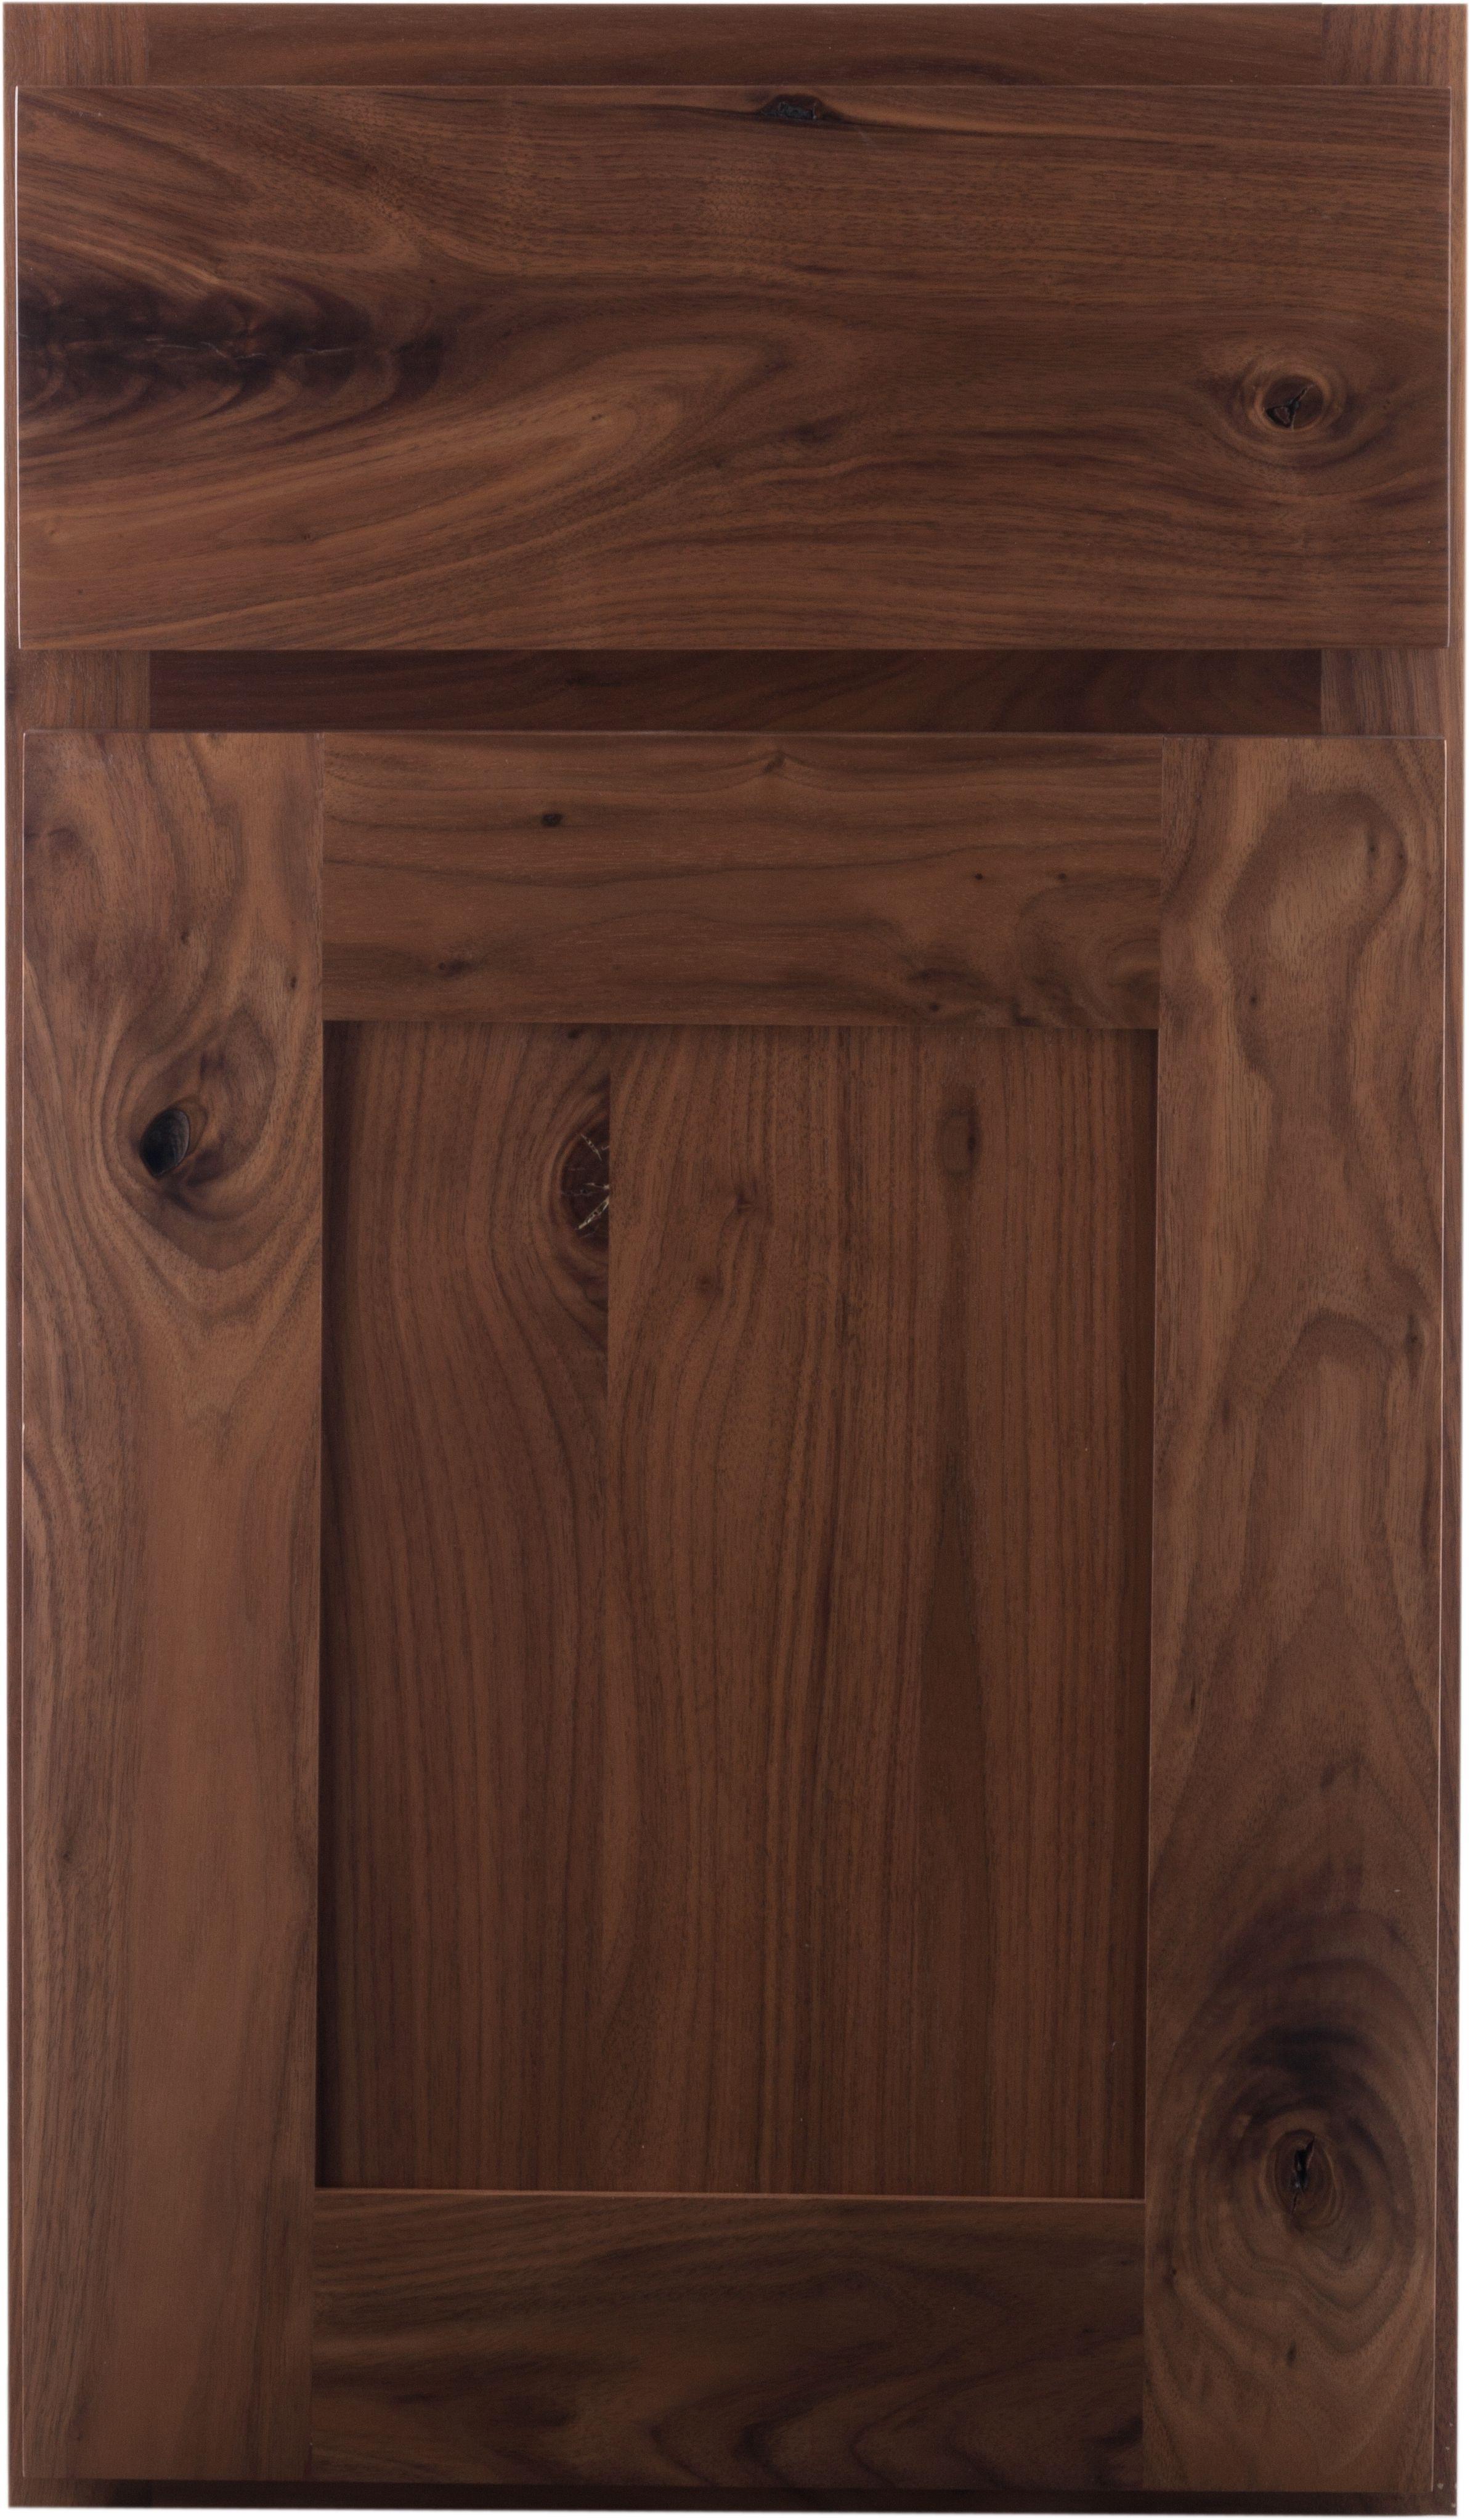 Crown Cabinets Bigcreek Knotty Walnut Natural Kitchen Decor Styles Kitchen Decor Modern Vintage Kitchen Accessories